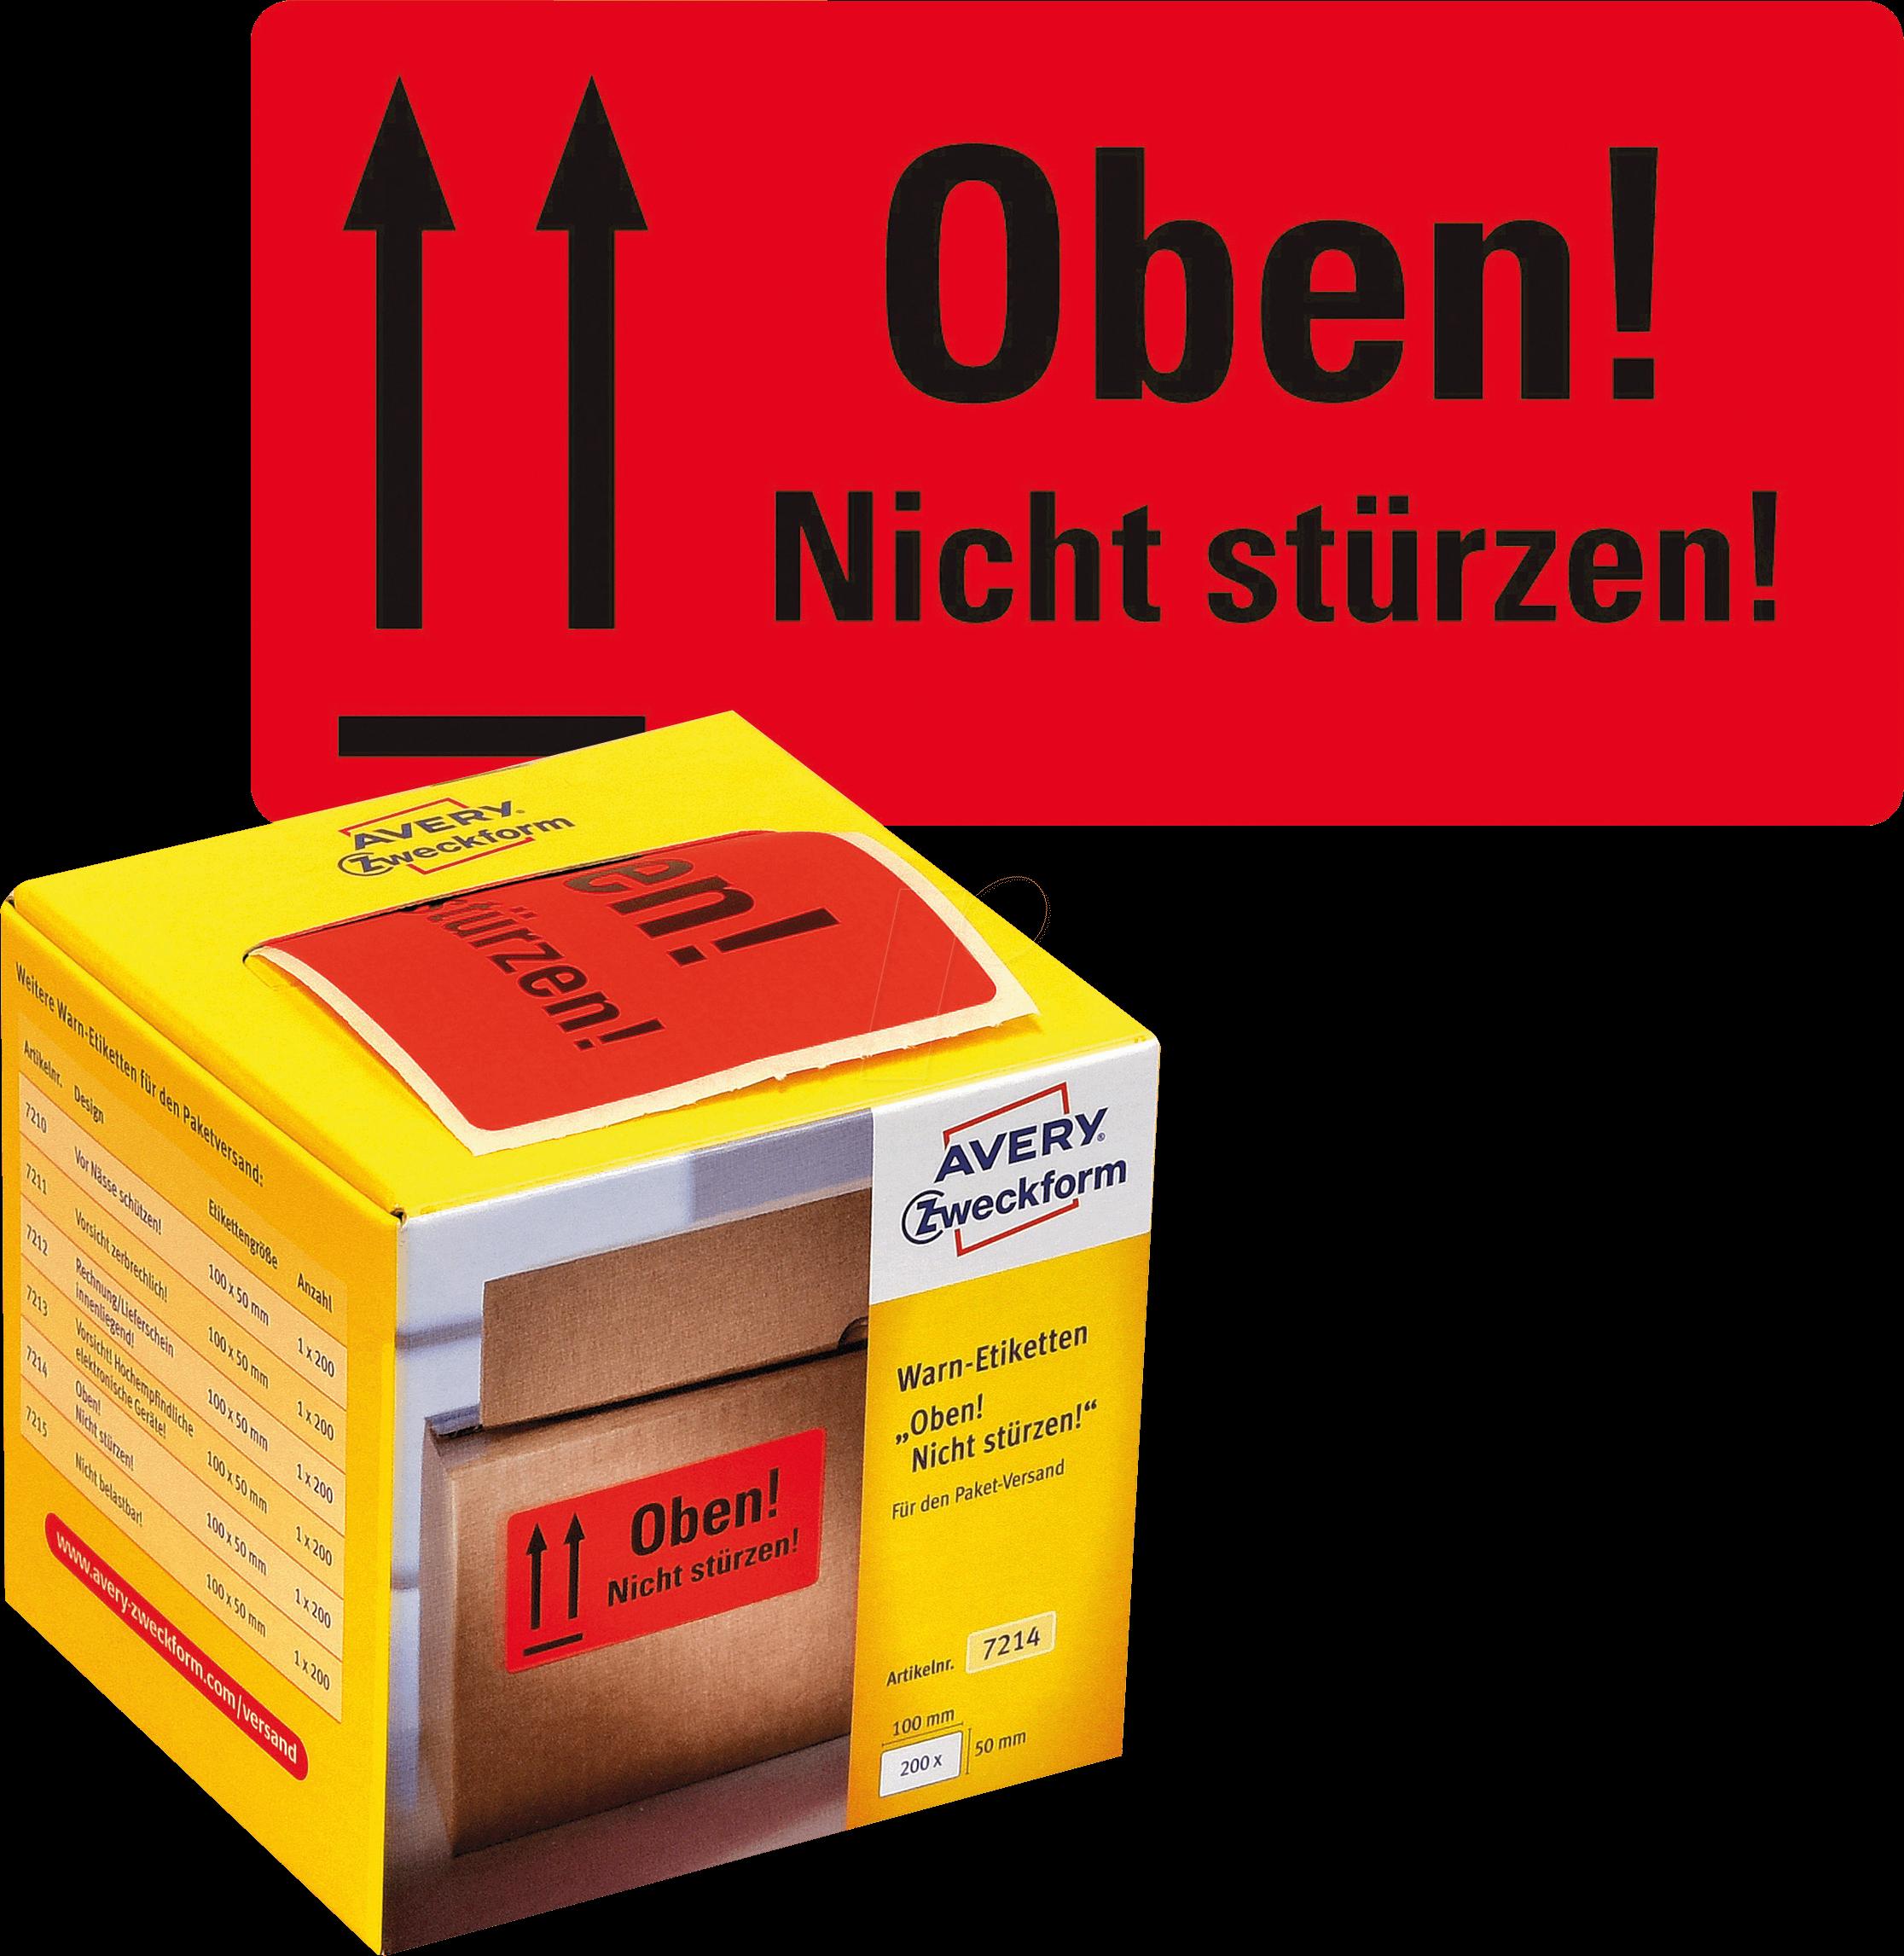 https://cdn-reichelt.de/bilder/web/xxl_ws/E460/AVZ_7214_02.png